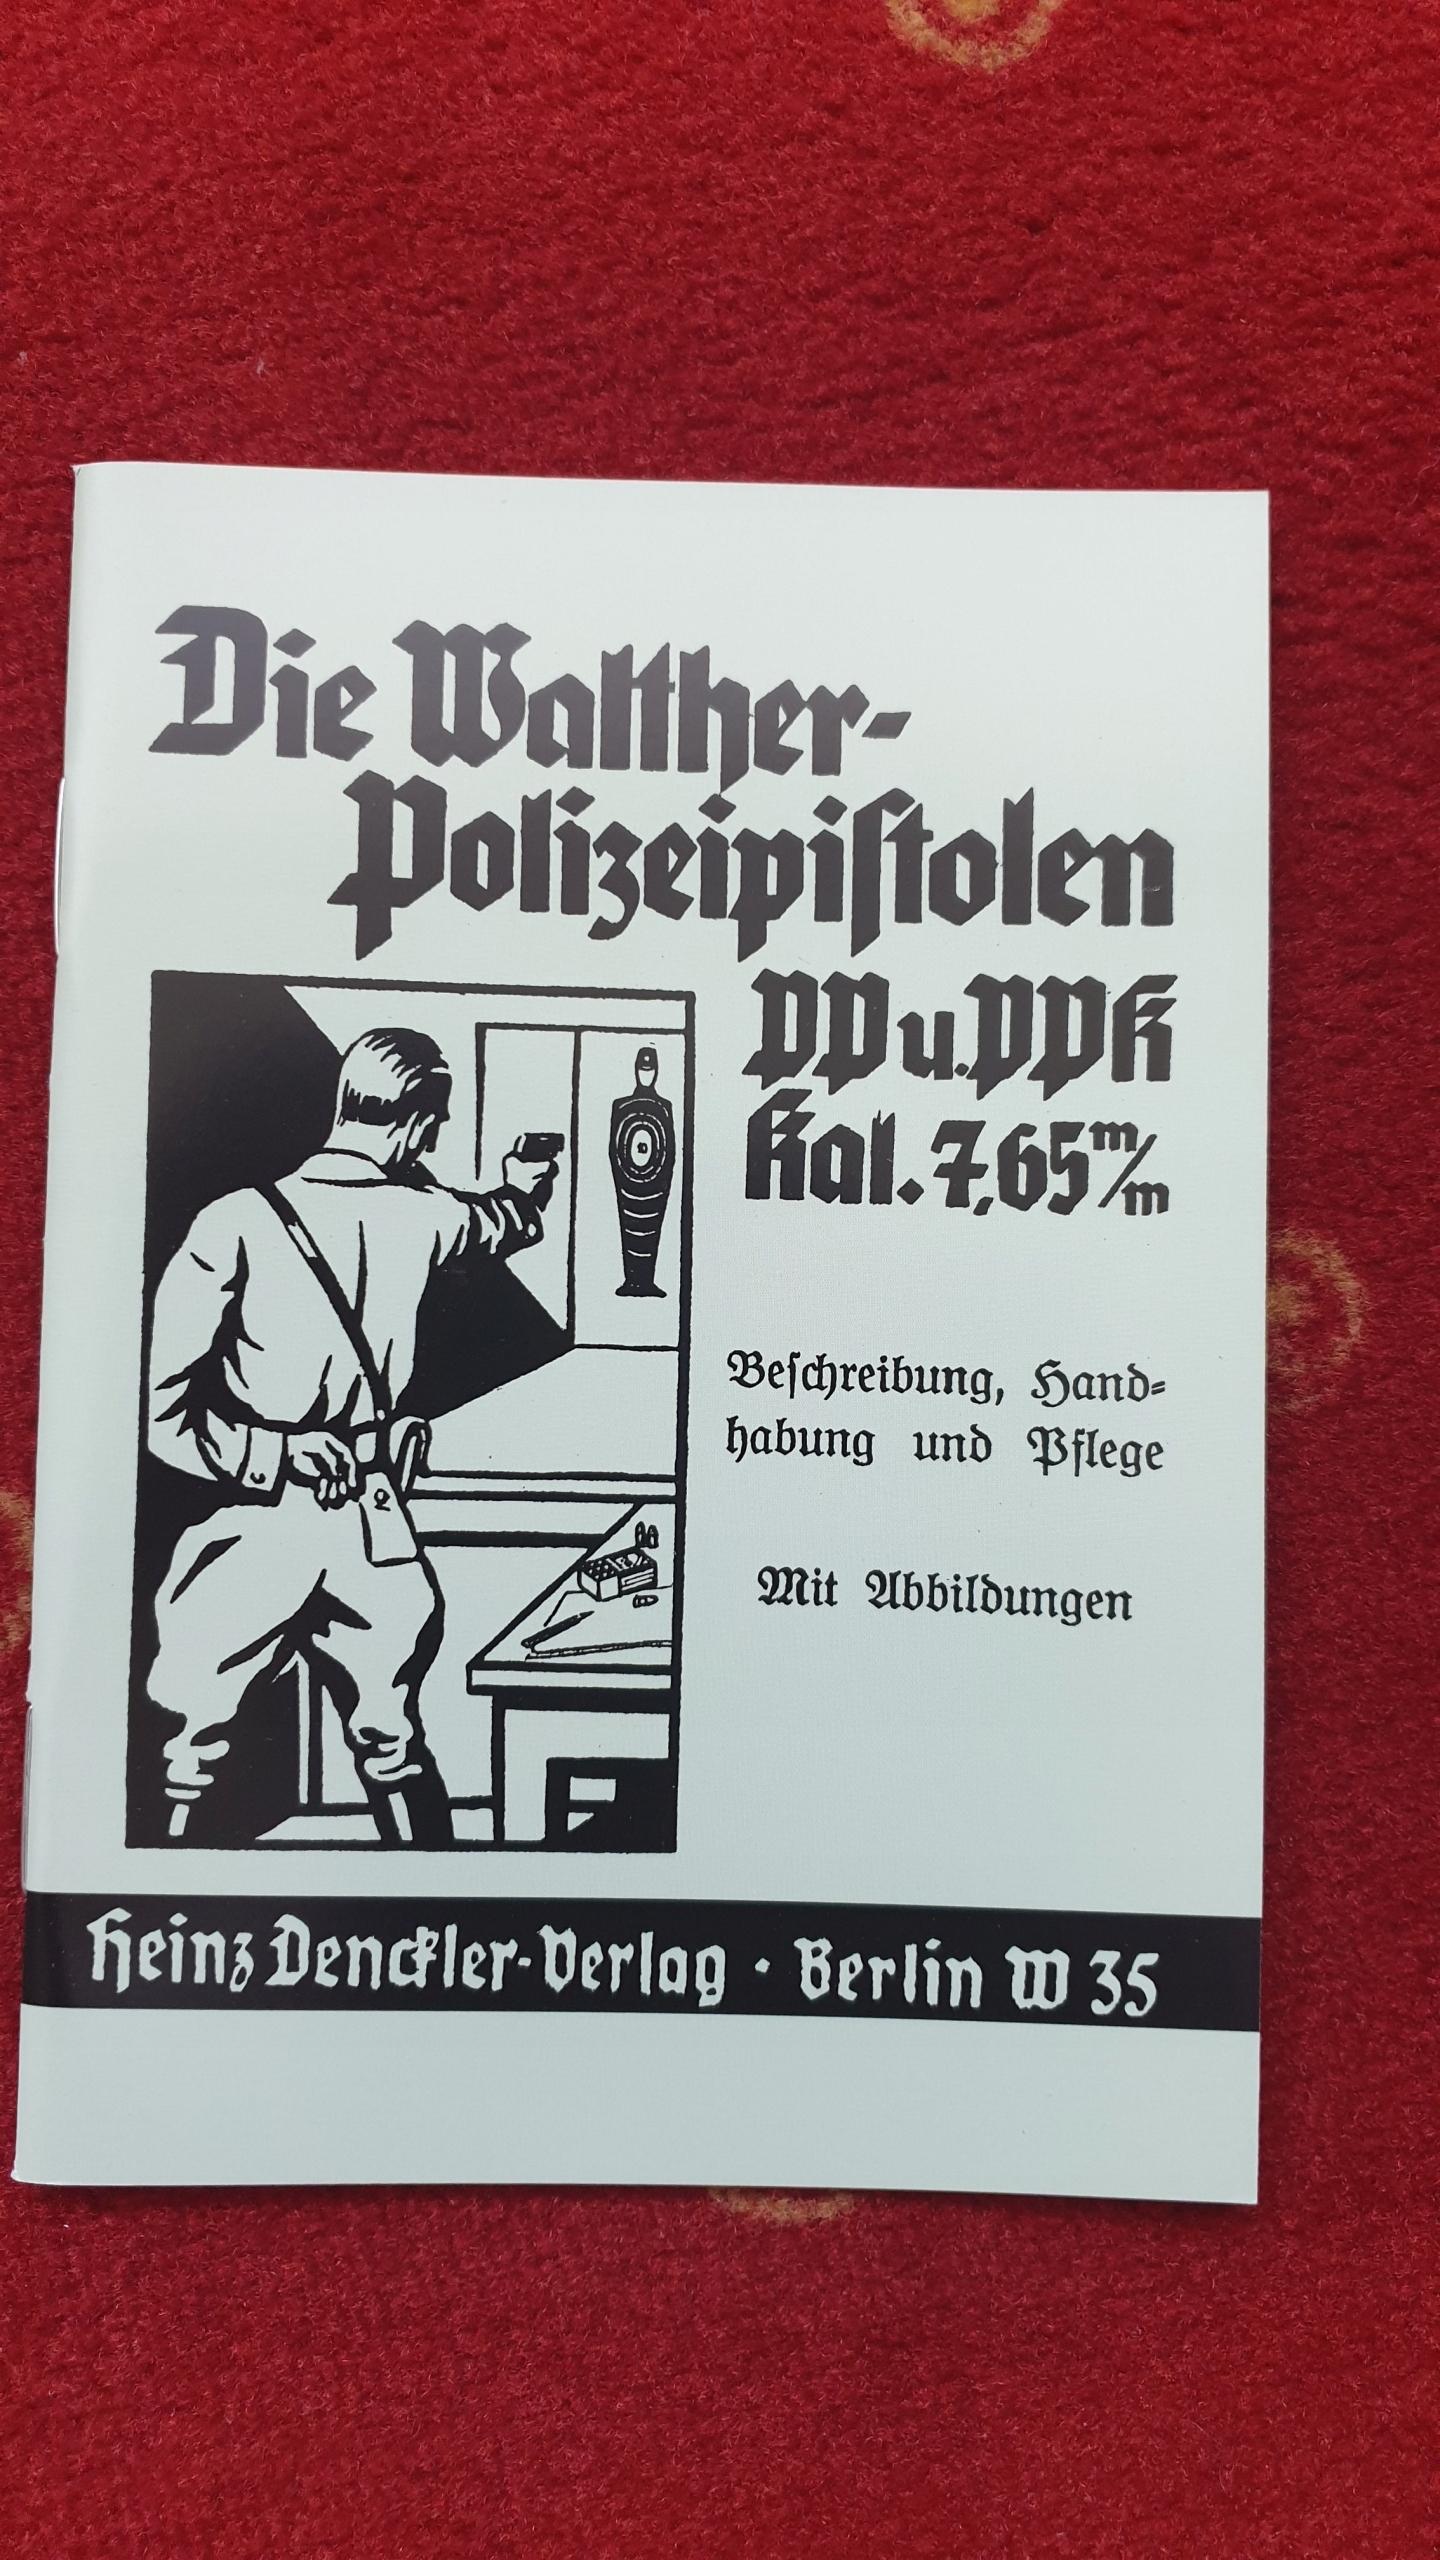 instrukcja pistolet WALTHER PP - PPK /replint/